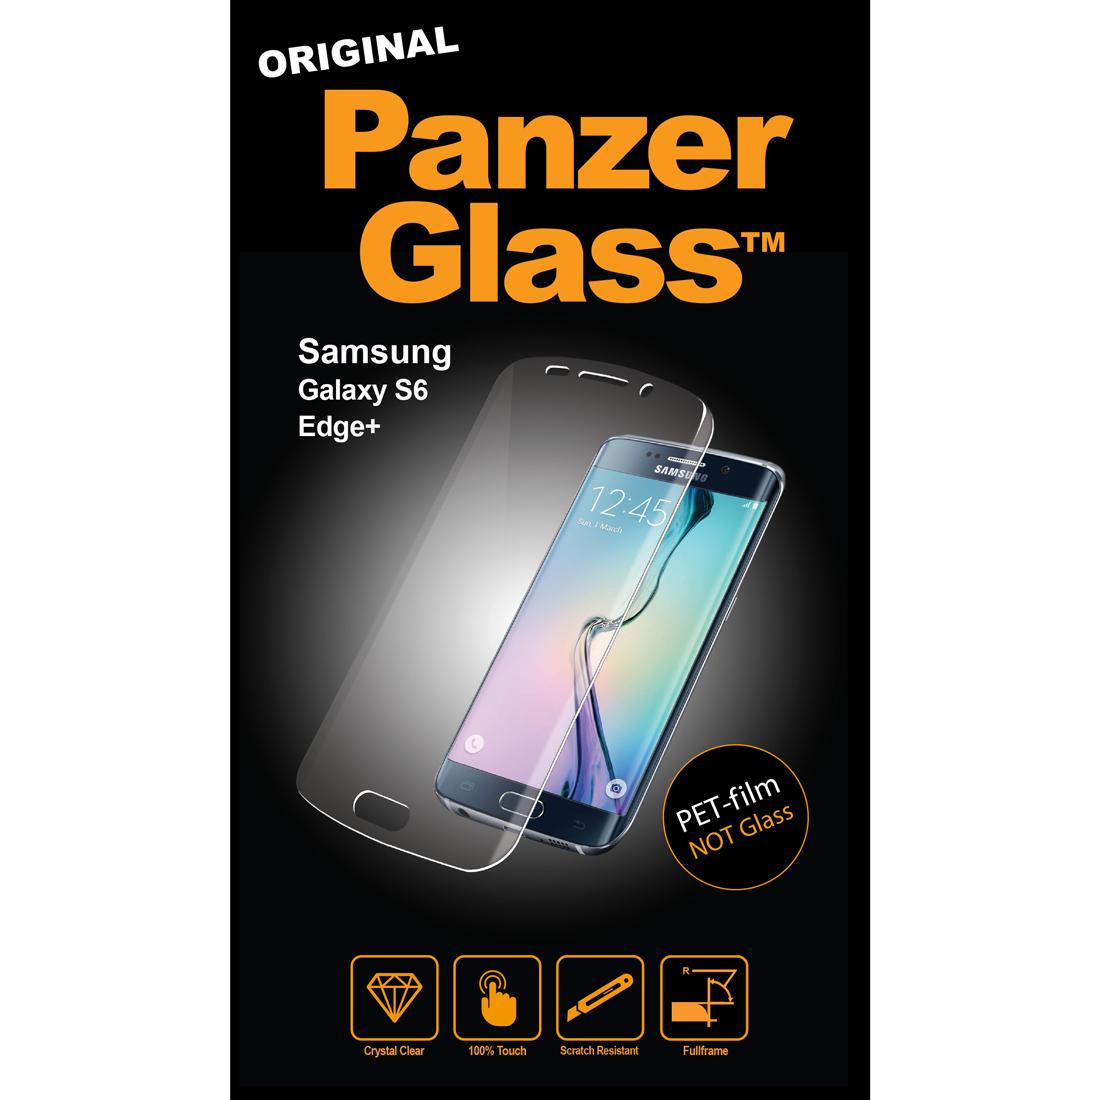 Billede af Panzer Glass PET-film (ikke sikkerhedsglas) til Samsung Galaxy S6 Edge+ Plus